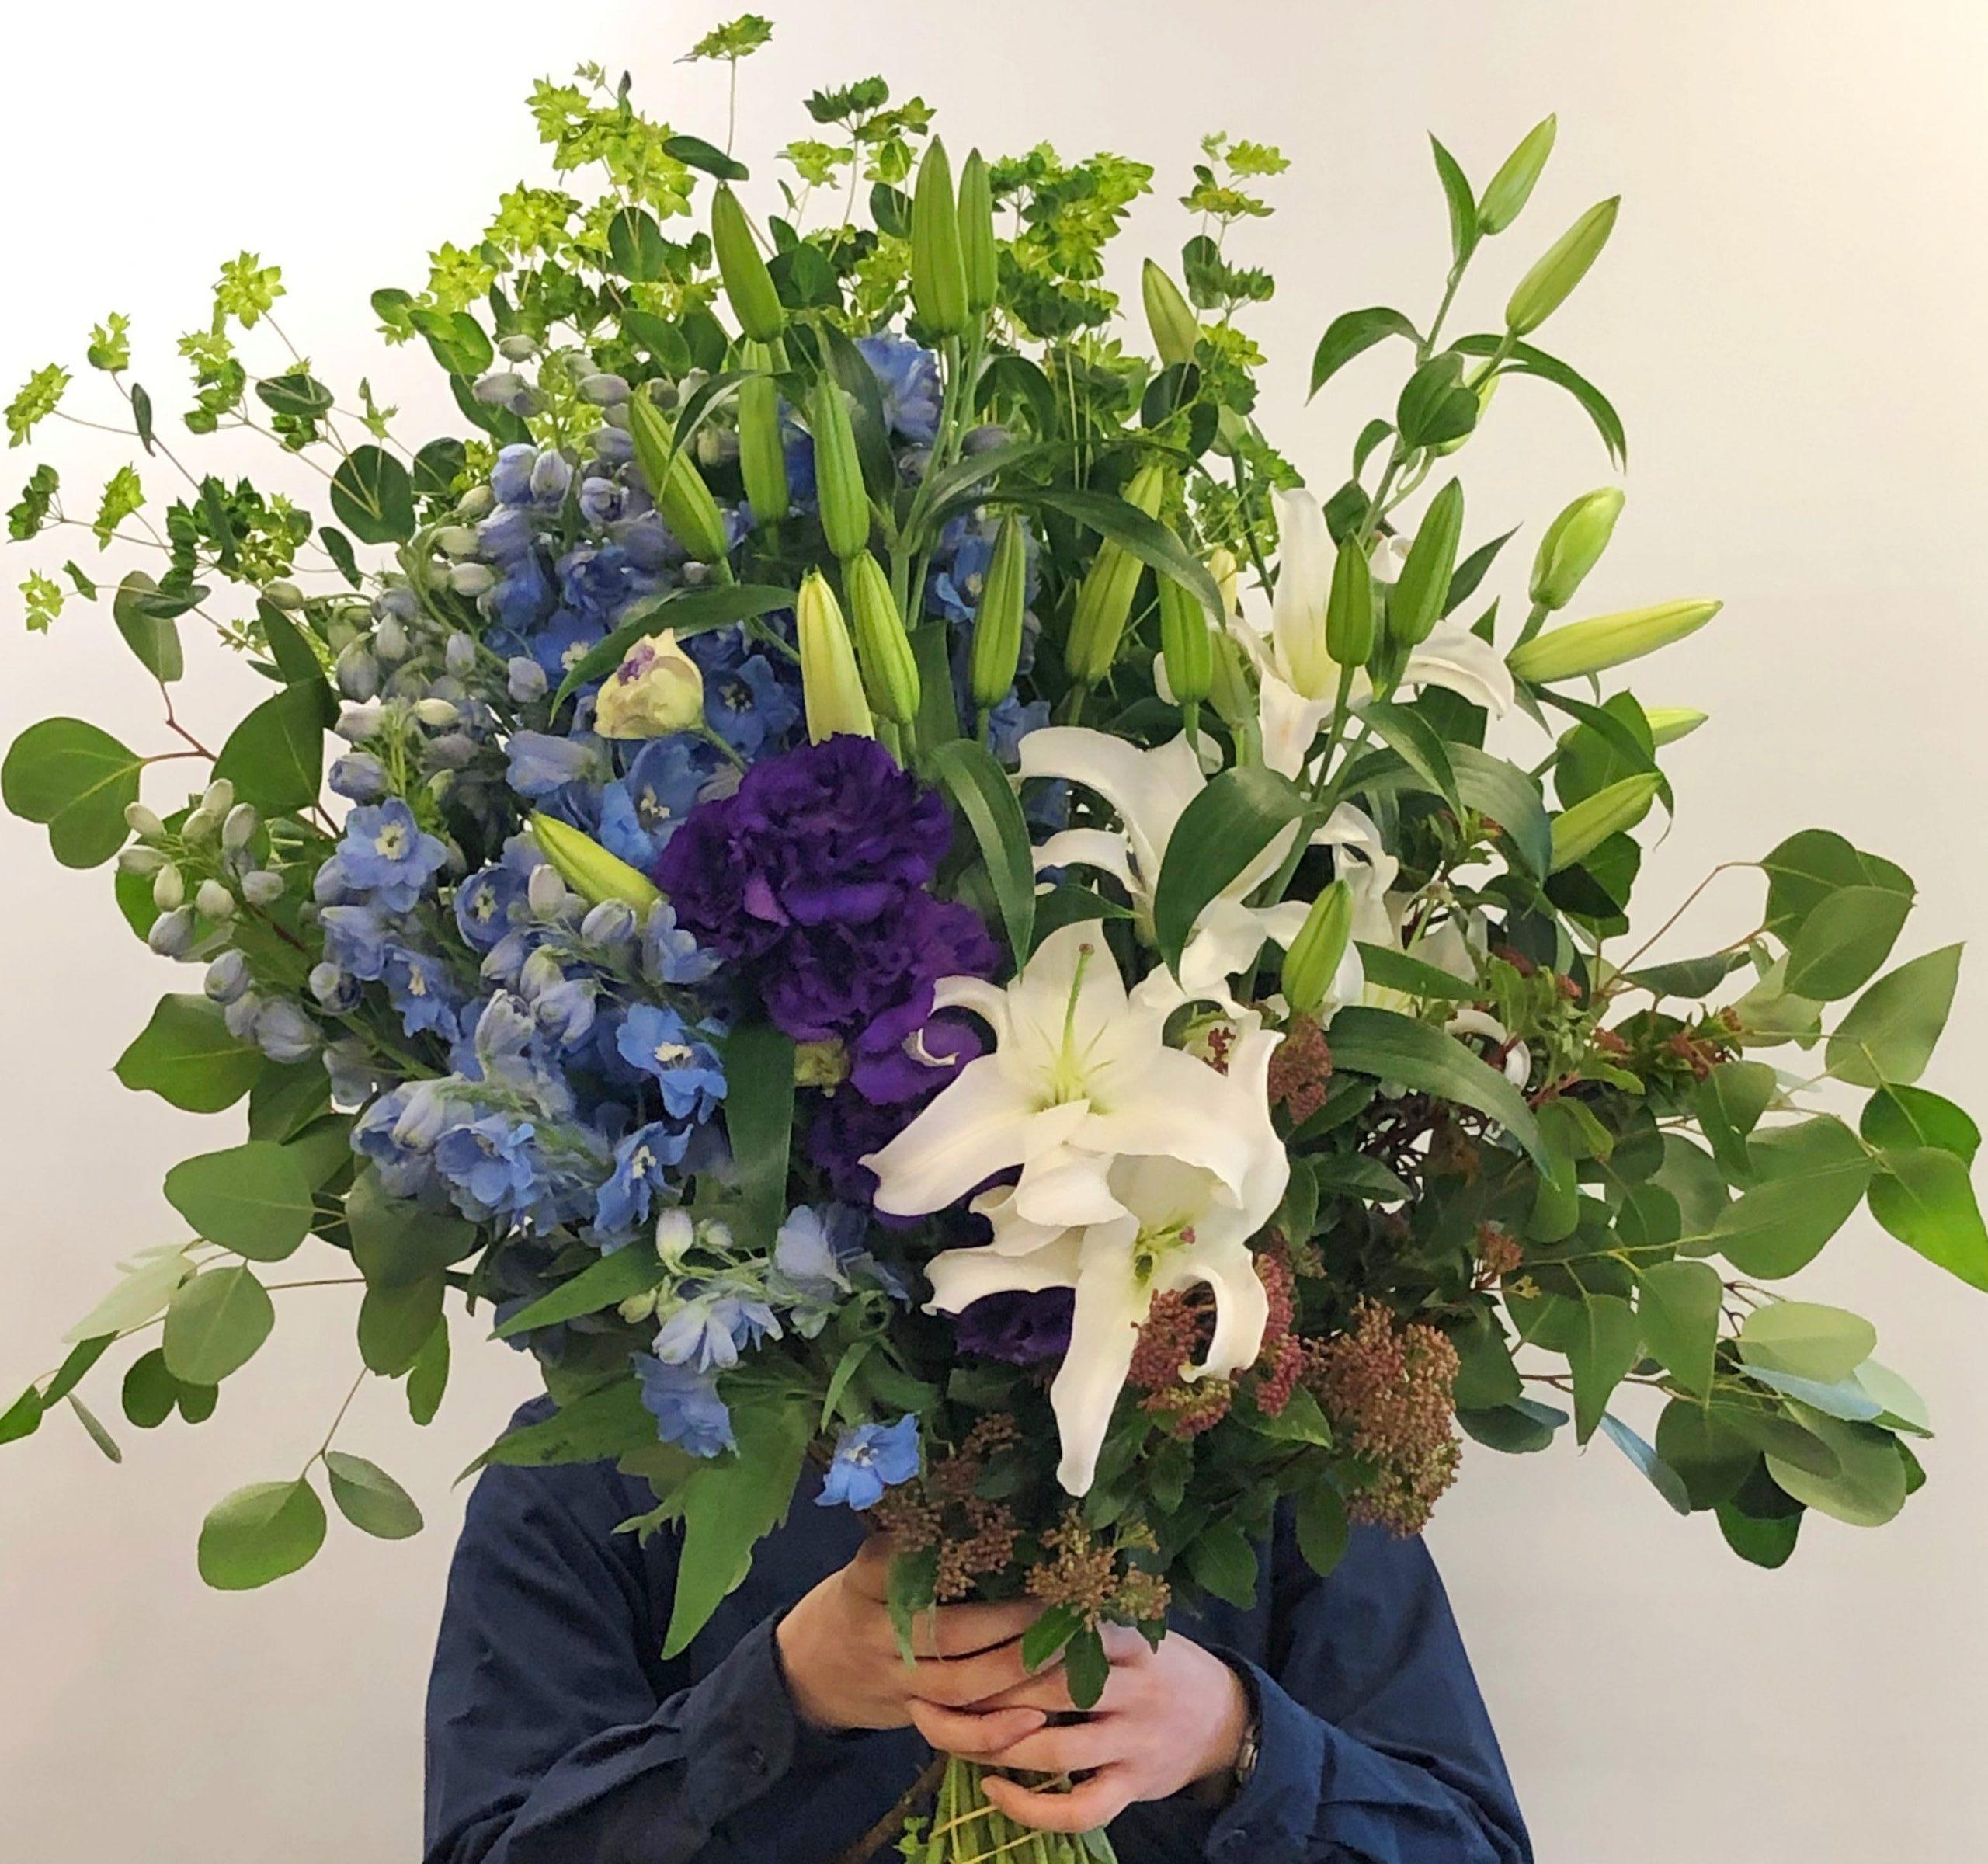 横浜市本町へ花束を即日当日配達させていただきました。【横浜花屋の花束・スタンド花・胡蝶蘭・バルーン・アレンジメント配達事例664】